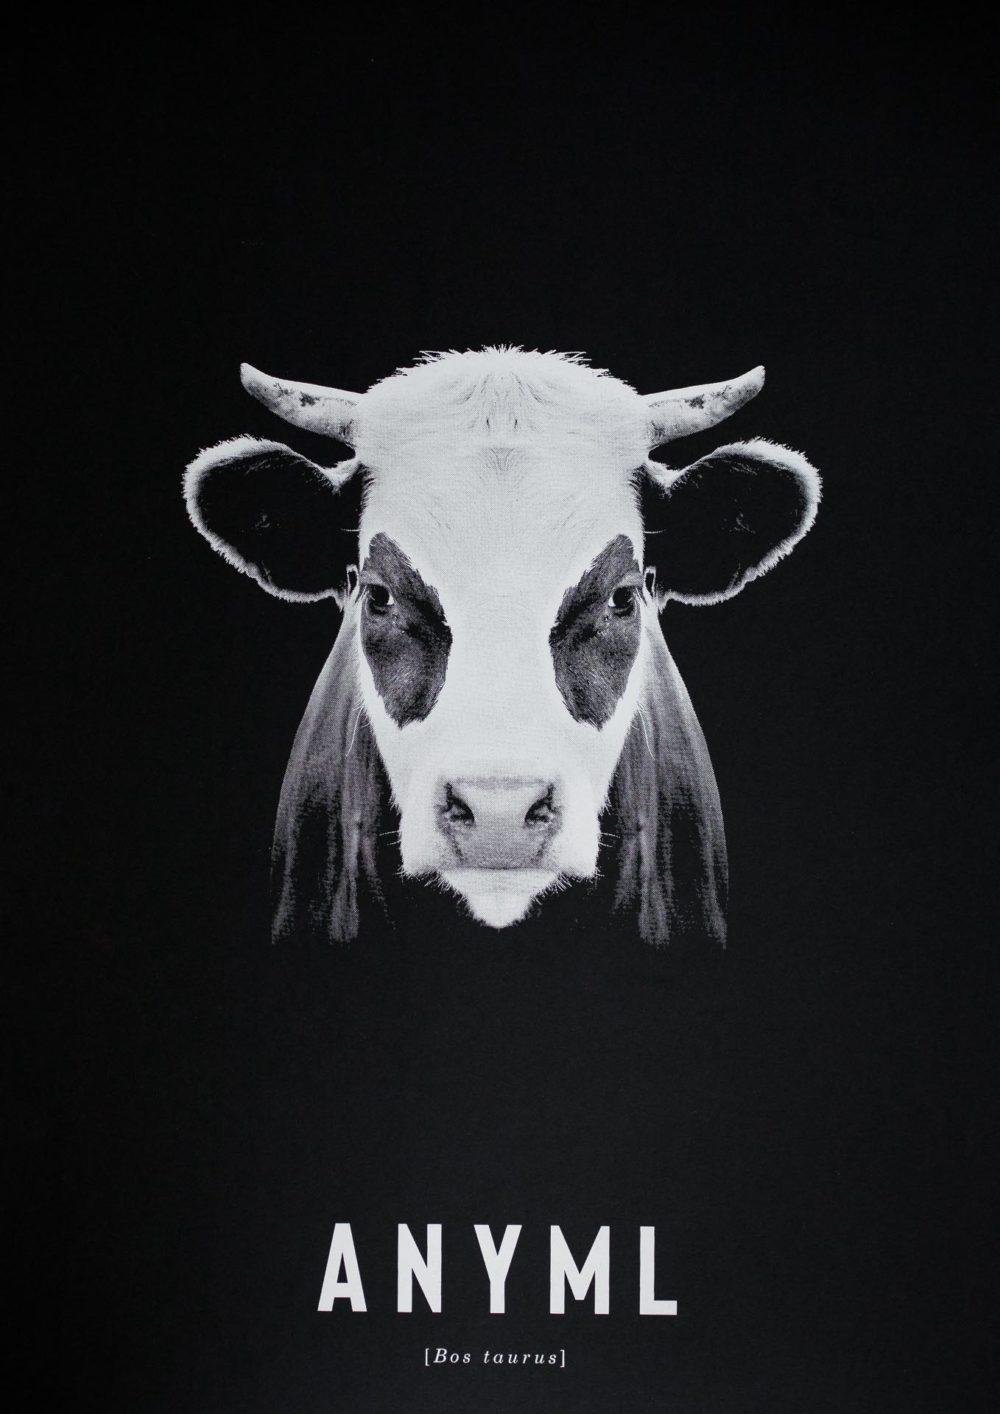 ANYML Siebdruck - Bos taurus | Kuh